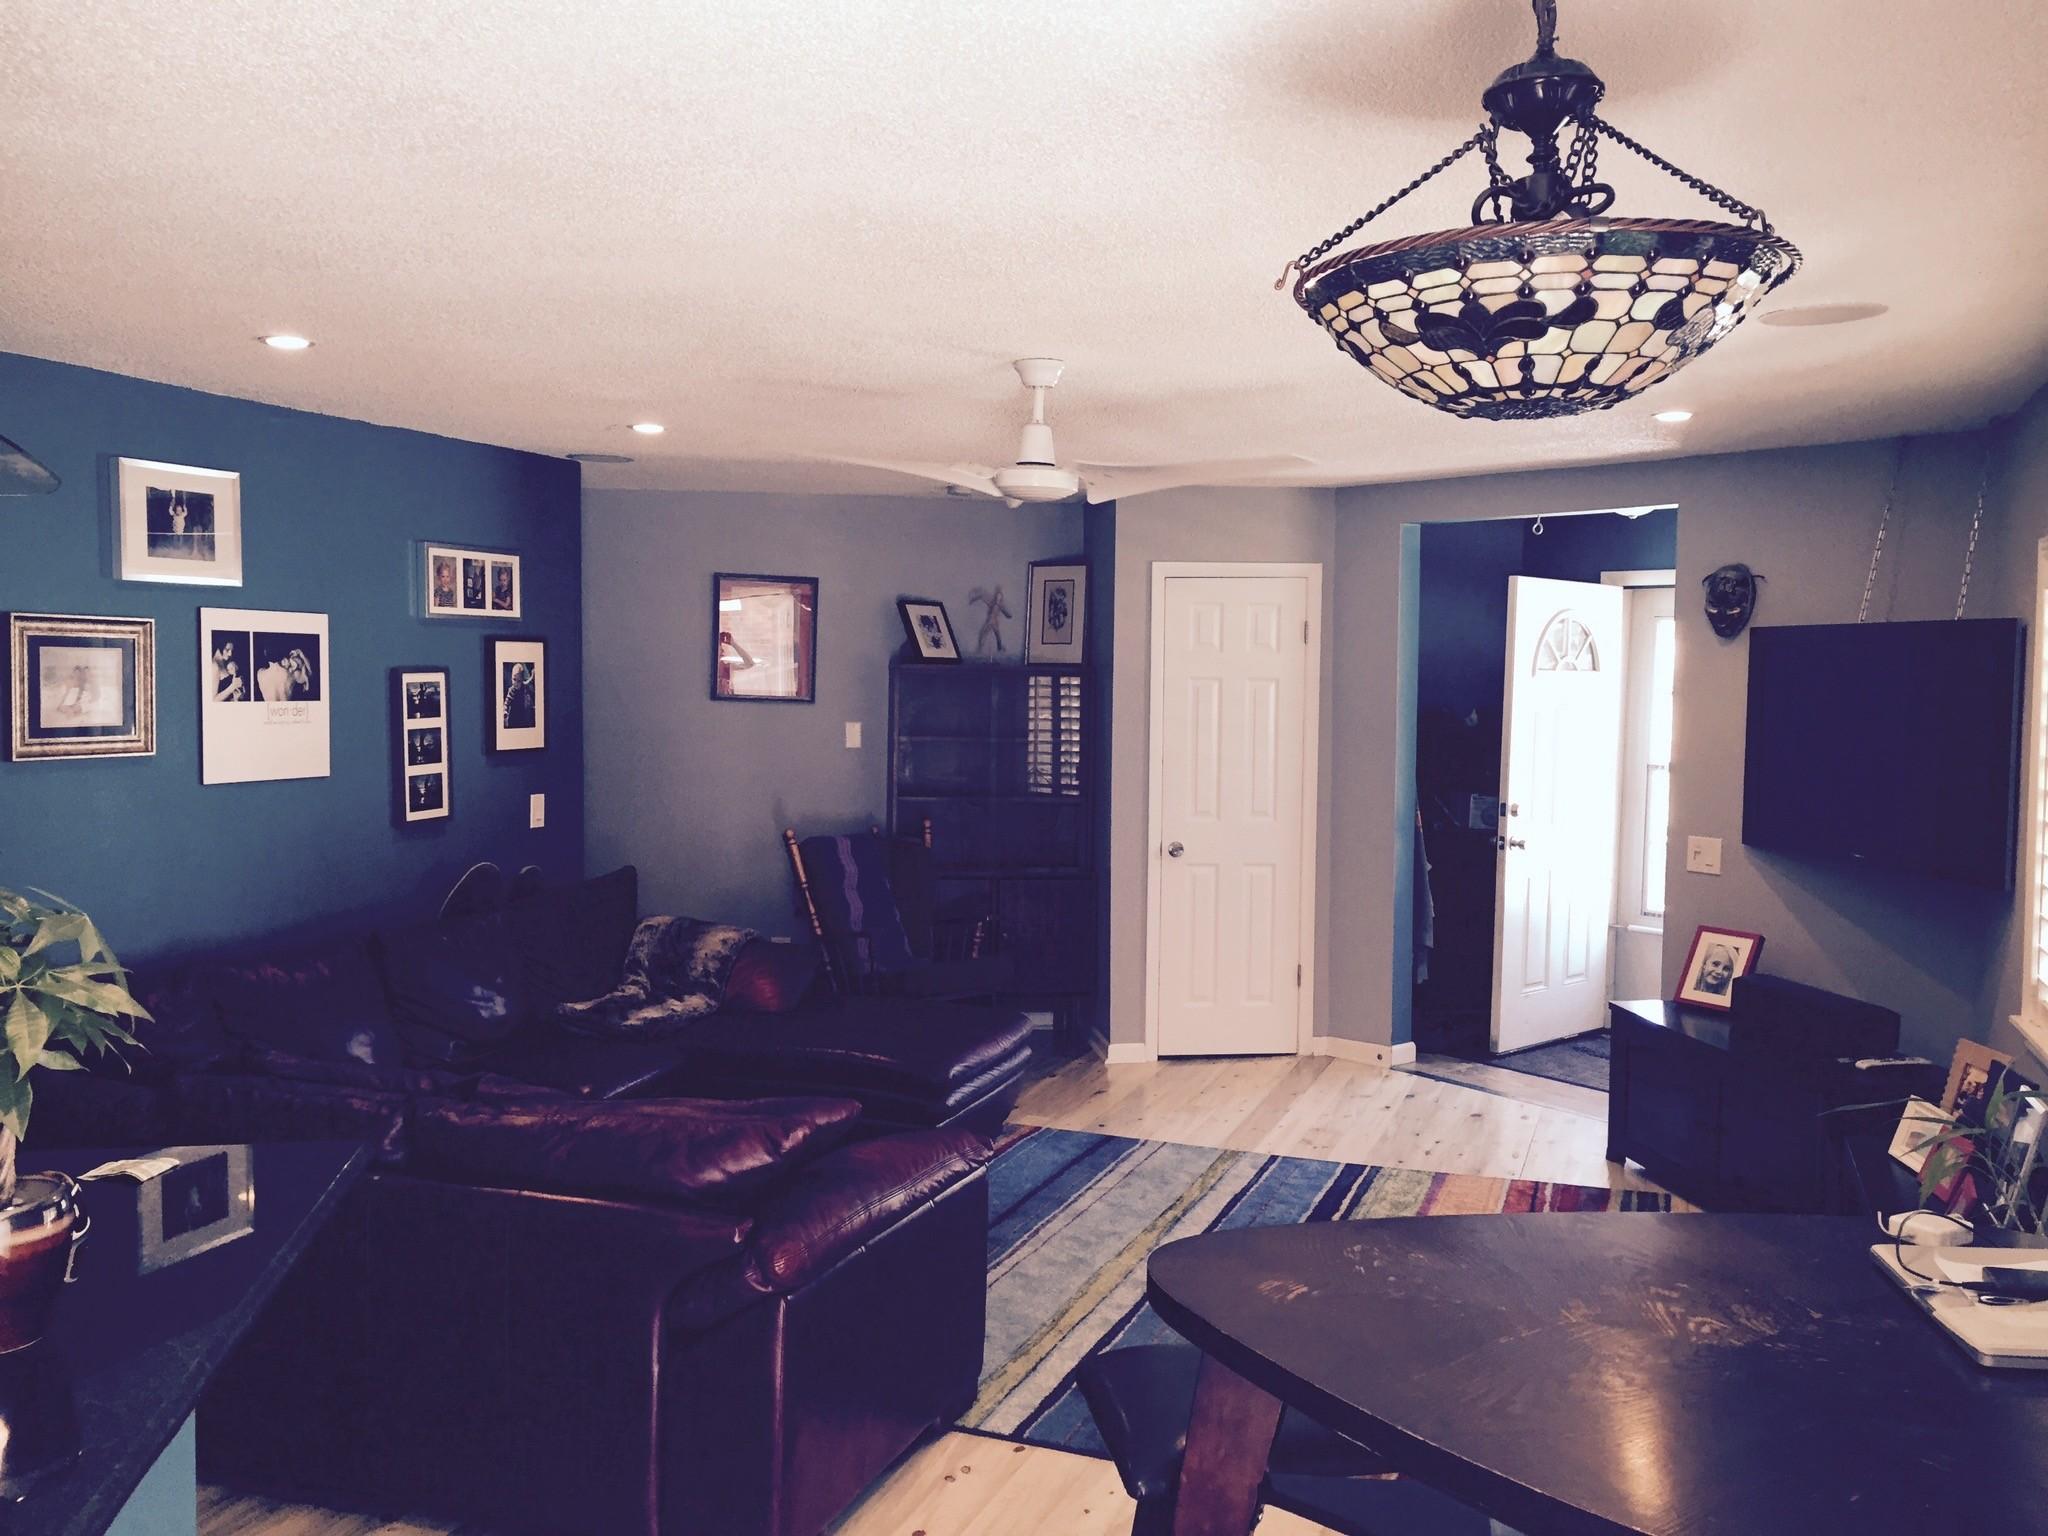 3735 cook street denver co 80205 3 bedroom house for rent for 2 300